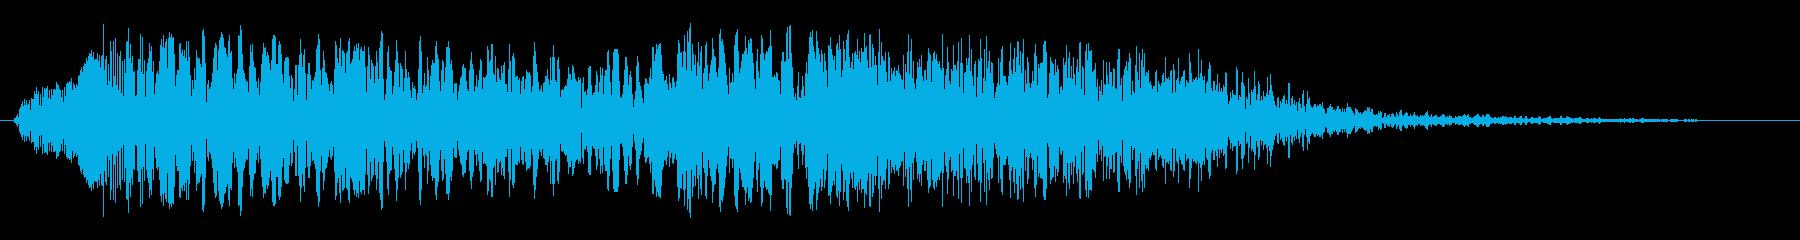 ビューンビョビョ(移動する効果音)の再生済みの波形